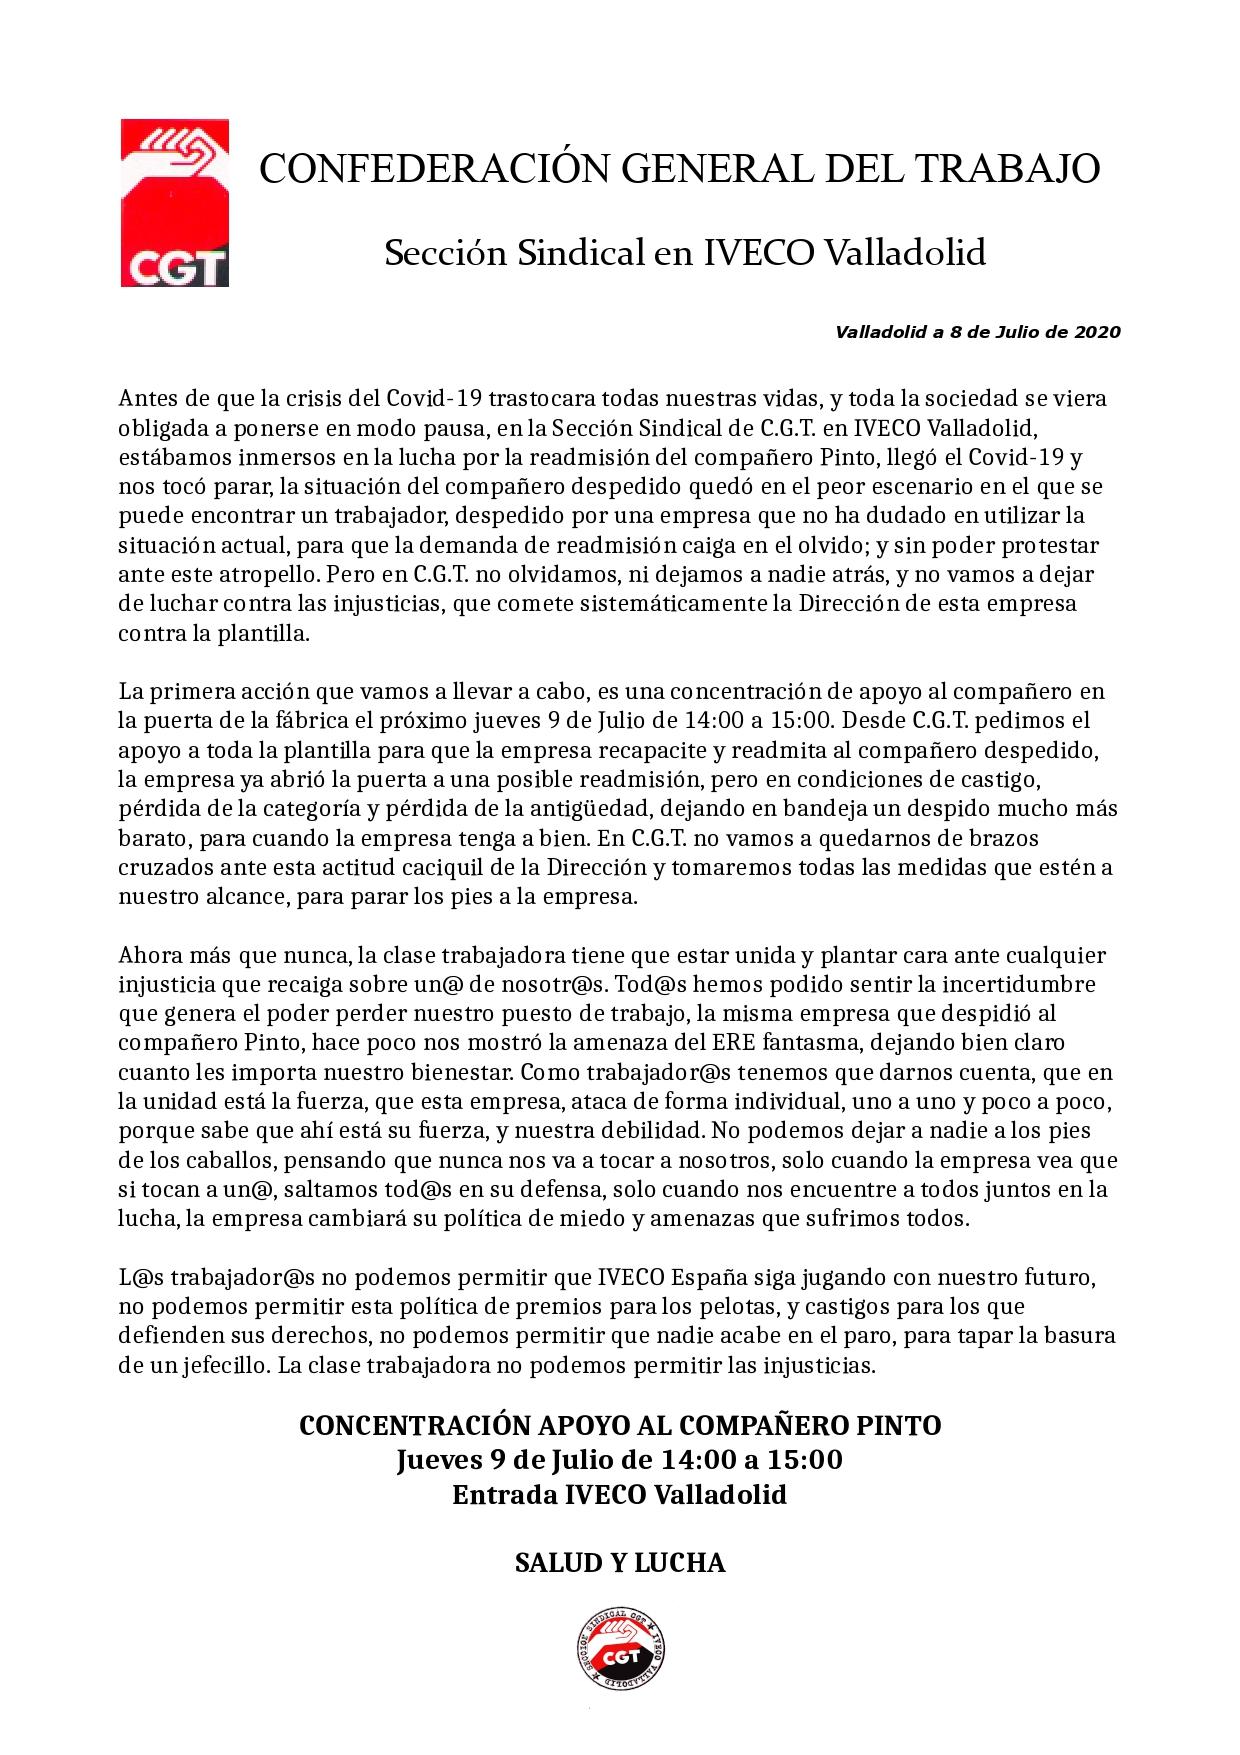 #Comunicado concentración Pinto_page-0001